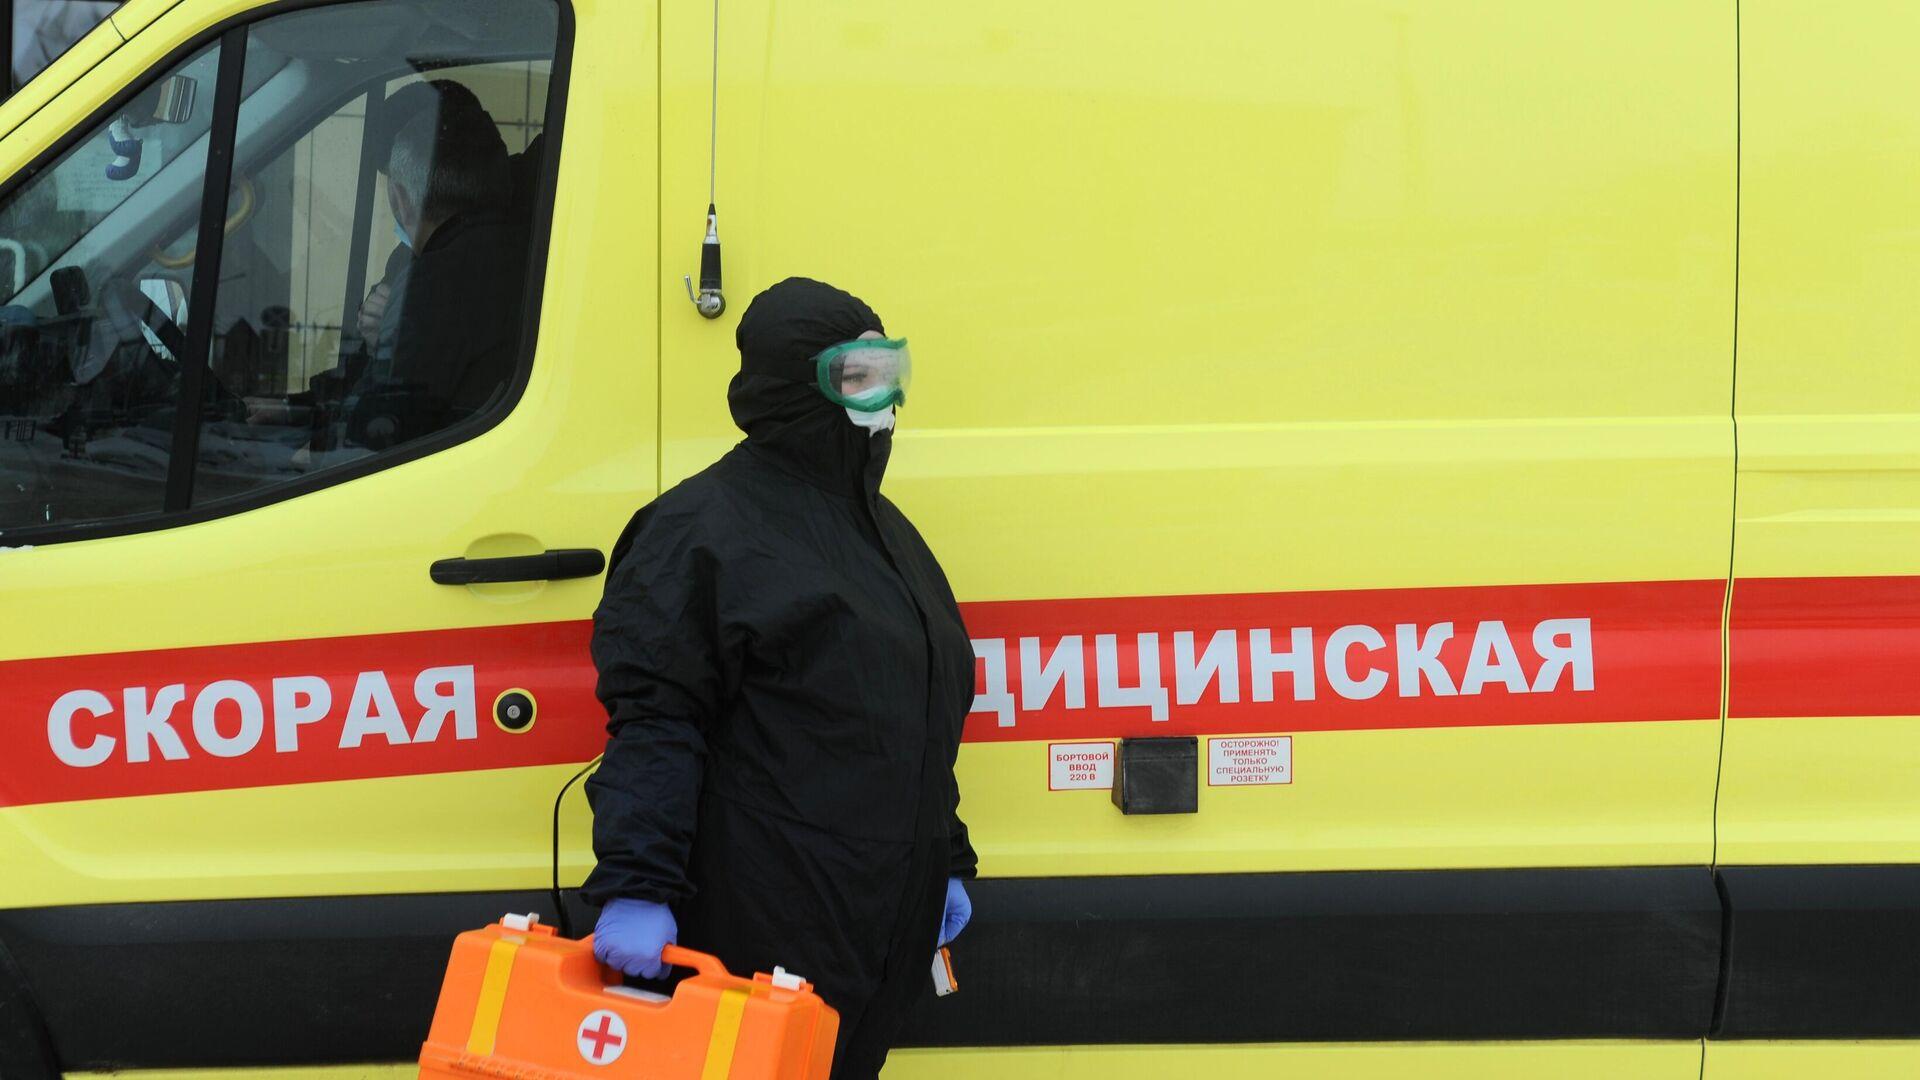 Работа скорой помощи с больными коронавирусом в Тамбове - РИА Новости, 1920, 26.01.2021